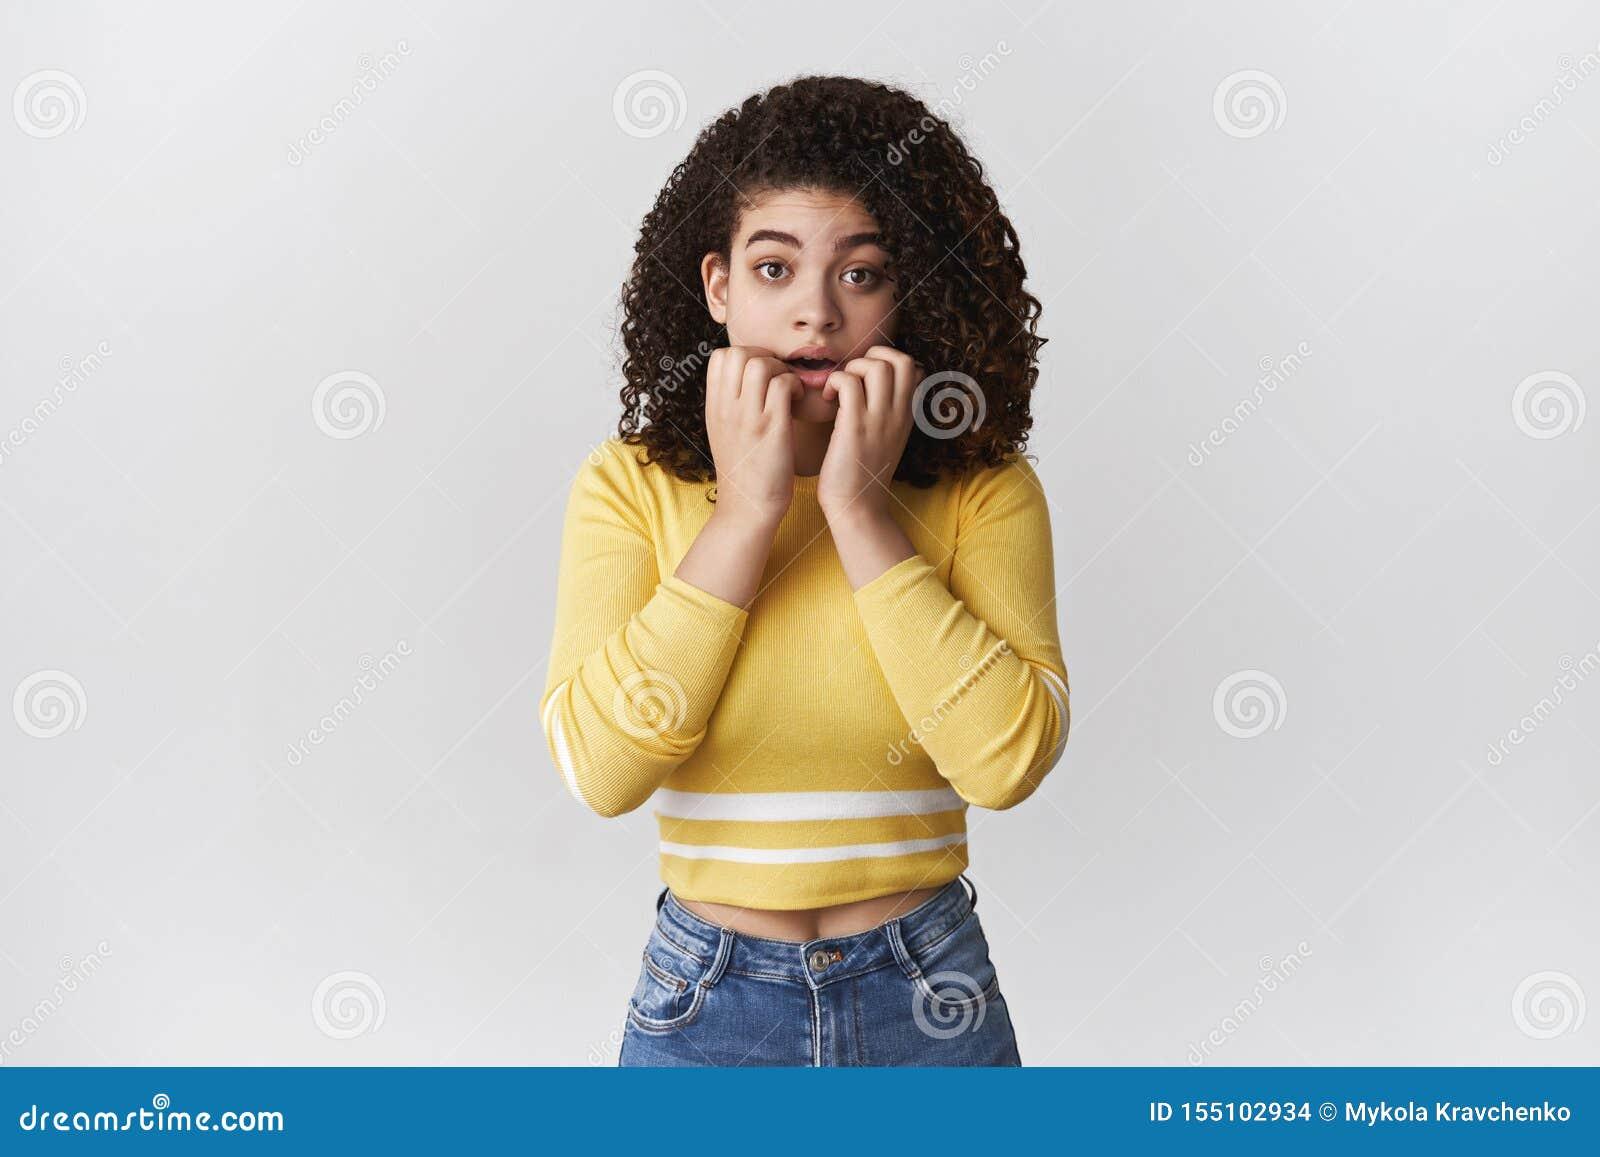 急切缺乏信心的担心的逗人喜爱的强烈的有吸引力的女朋友忧虑咬住的手指凝视看强烈的戏曲电视的照相机